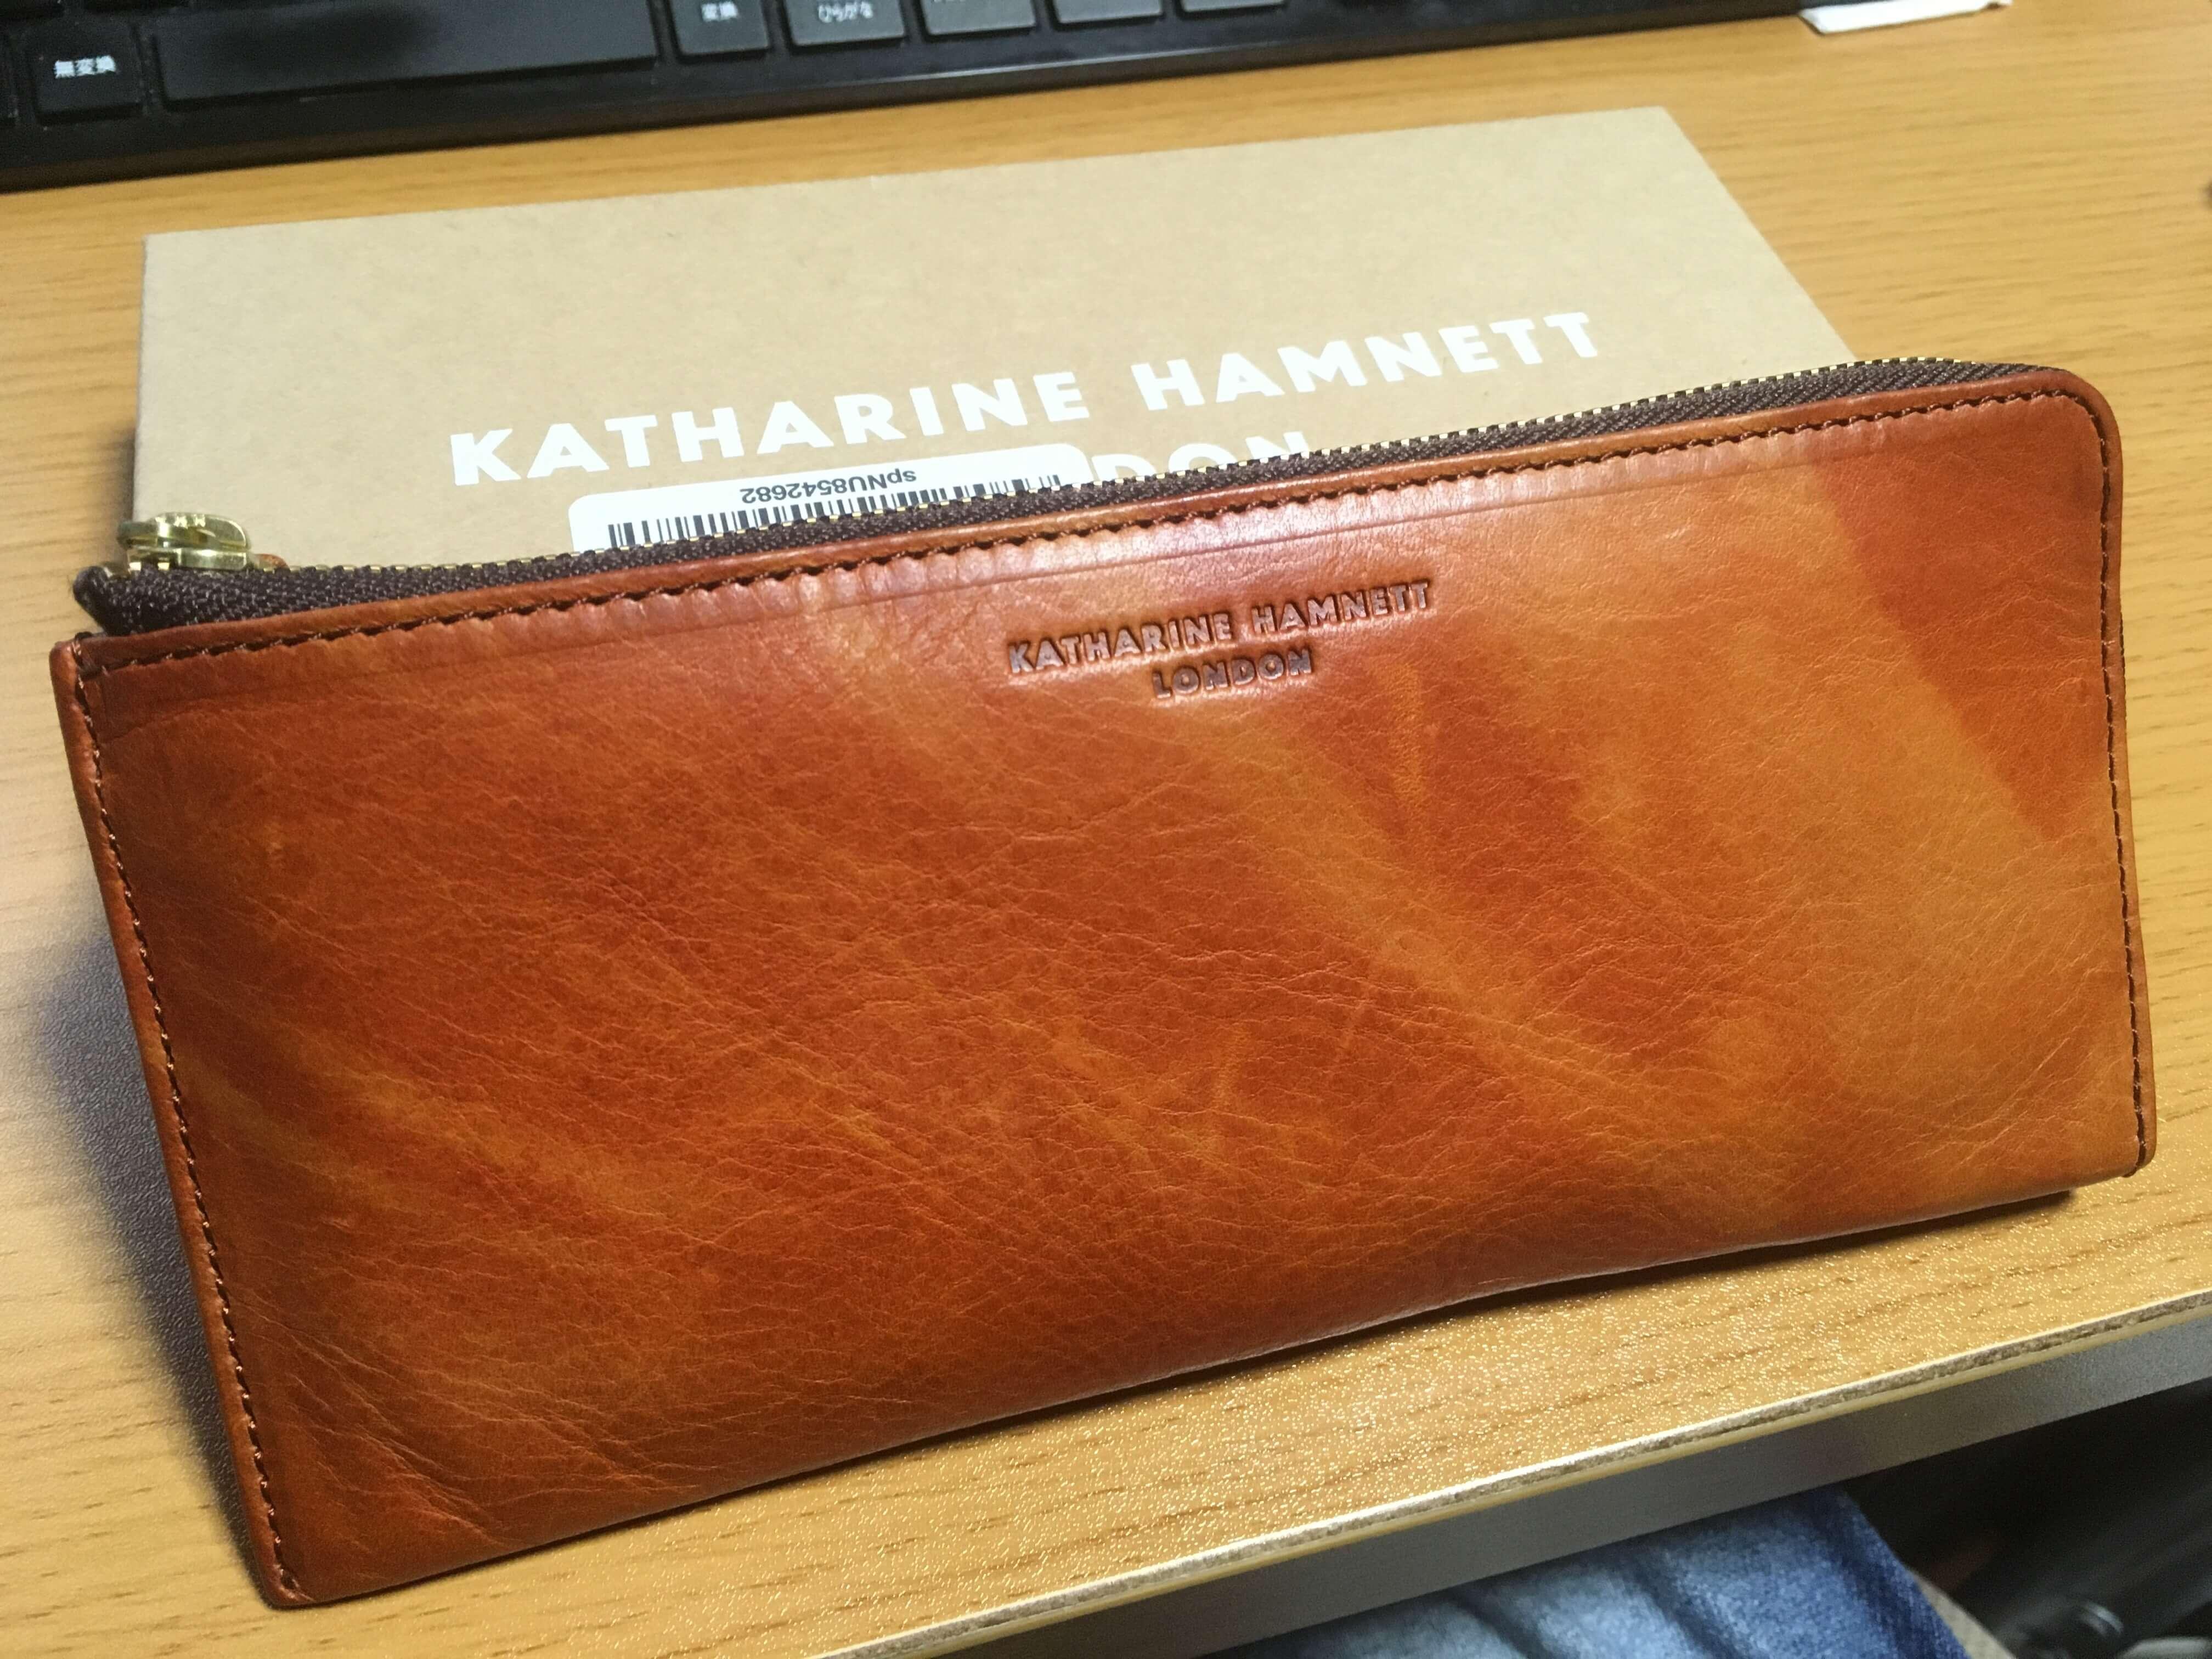 キャサリンハムネットロンドン(KATHARINE HAMNETT LONDON)L字ファスナー長財布